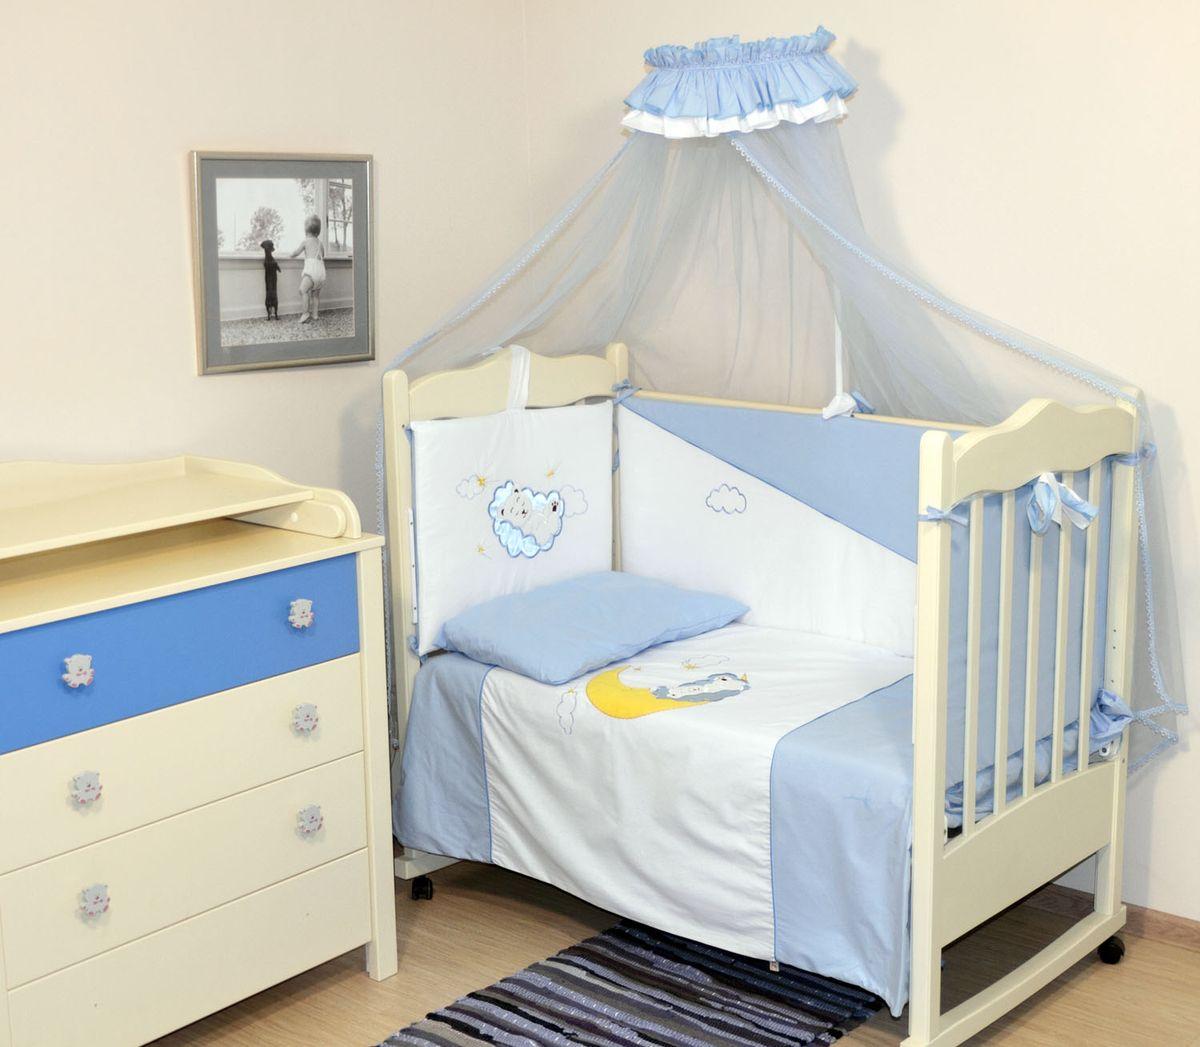 Топотушки Комплект детского постельного белья Марсель цвет голубой 6 предметов531-105Комплект постельного белья из 6 предметов включает все необходимые элементы для детской кроватки.Комплект создает для Вашего ребенка уют, комфорт и безопасную среду с рождения; современный дизайн и цветовые сочетания помогают ребенку адаптироваться в новом для него мире. Комплекты «Топотушки» хорошо вписываются в интерьер как детской комнаты, так и спальни родителей.Как и все изделия «Топотушки» данный комплект отражает самые последние технологии, является безопасным для малыша и экологичным. Российское происхождение комплекта гарантирует стабильно высокое качество, соответствие актуальным пожеланиям потребителей, конкурентоспособную цену.Охранный бампер 360х50см. (из 4-х частей на молнии, наполнитель – холлофайбер); подушка 40х60см (наполнитель – холлофайбер); одеяло 140х110см (наполнитель – холлофайбер); наволочка 40х60см; пододеяльник 147х112см; простынь на резинке 120х60см.